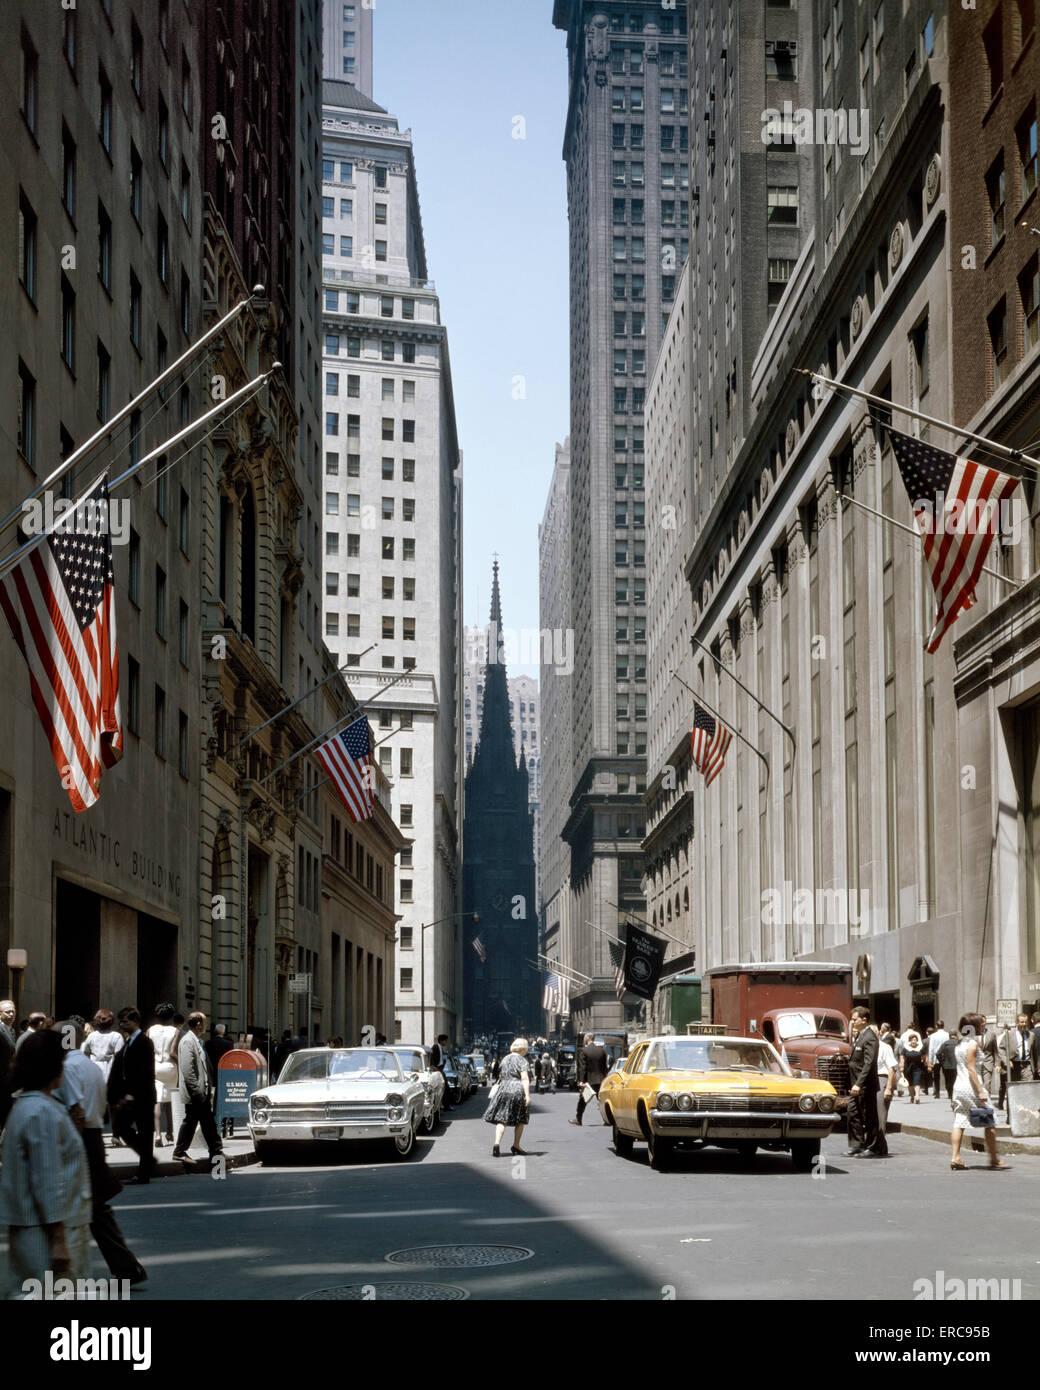 1960 vista abajo WALL STREET a la Trinity Church en el centro de Manhattan, Nueva York, EE.UU. Imagen De Stock